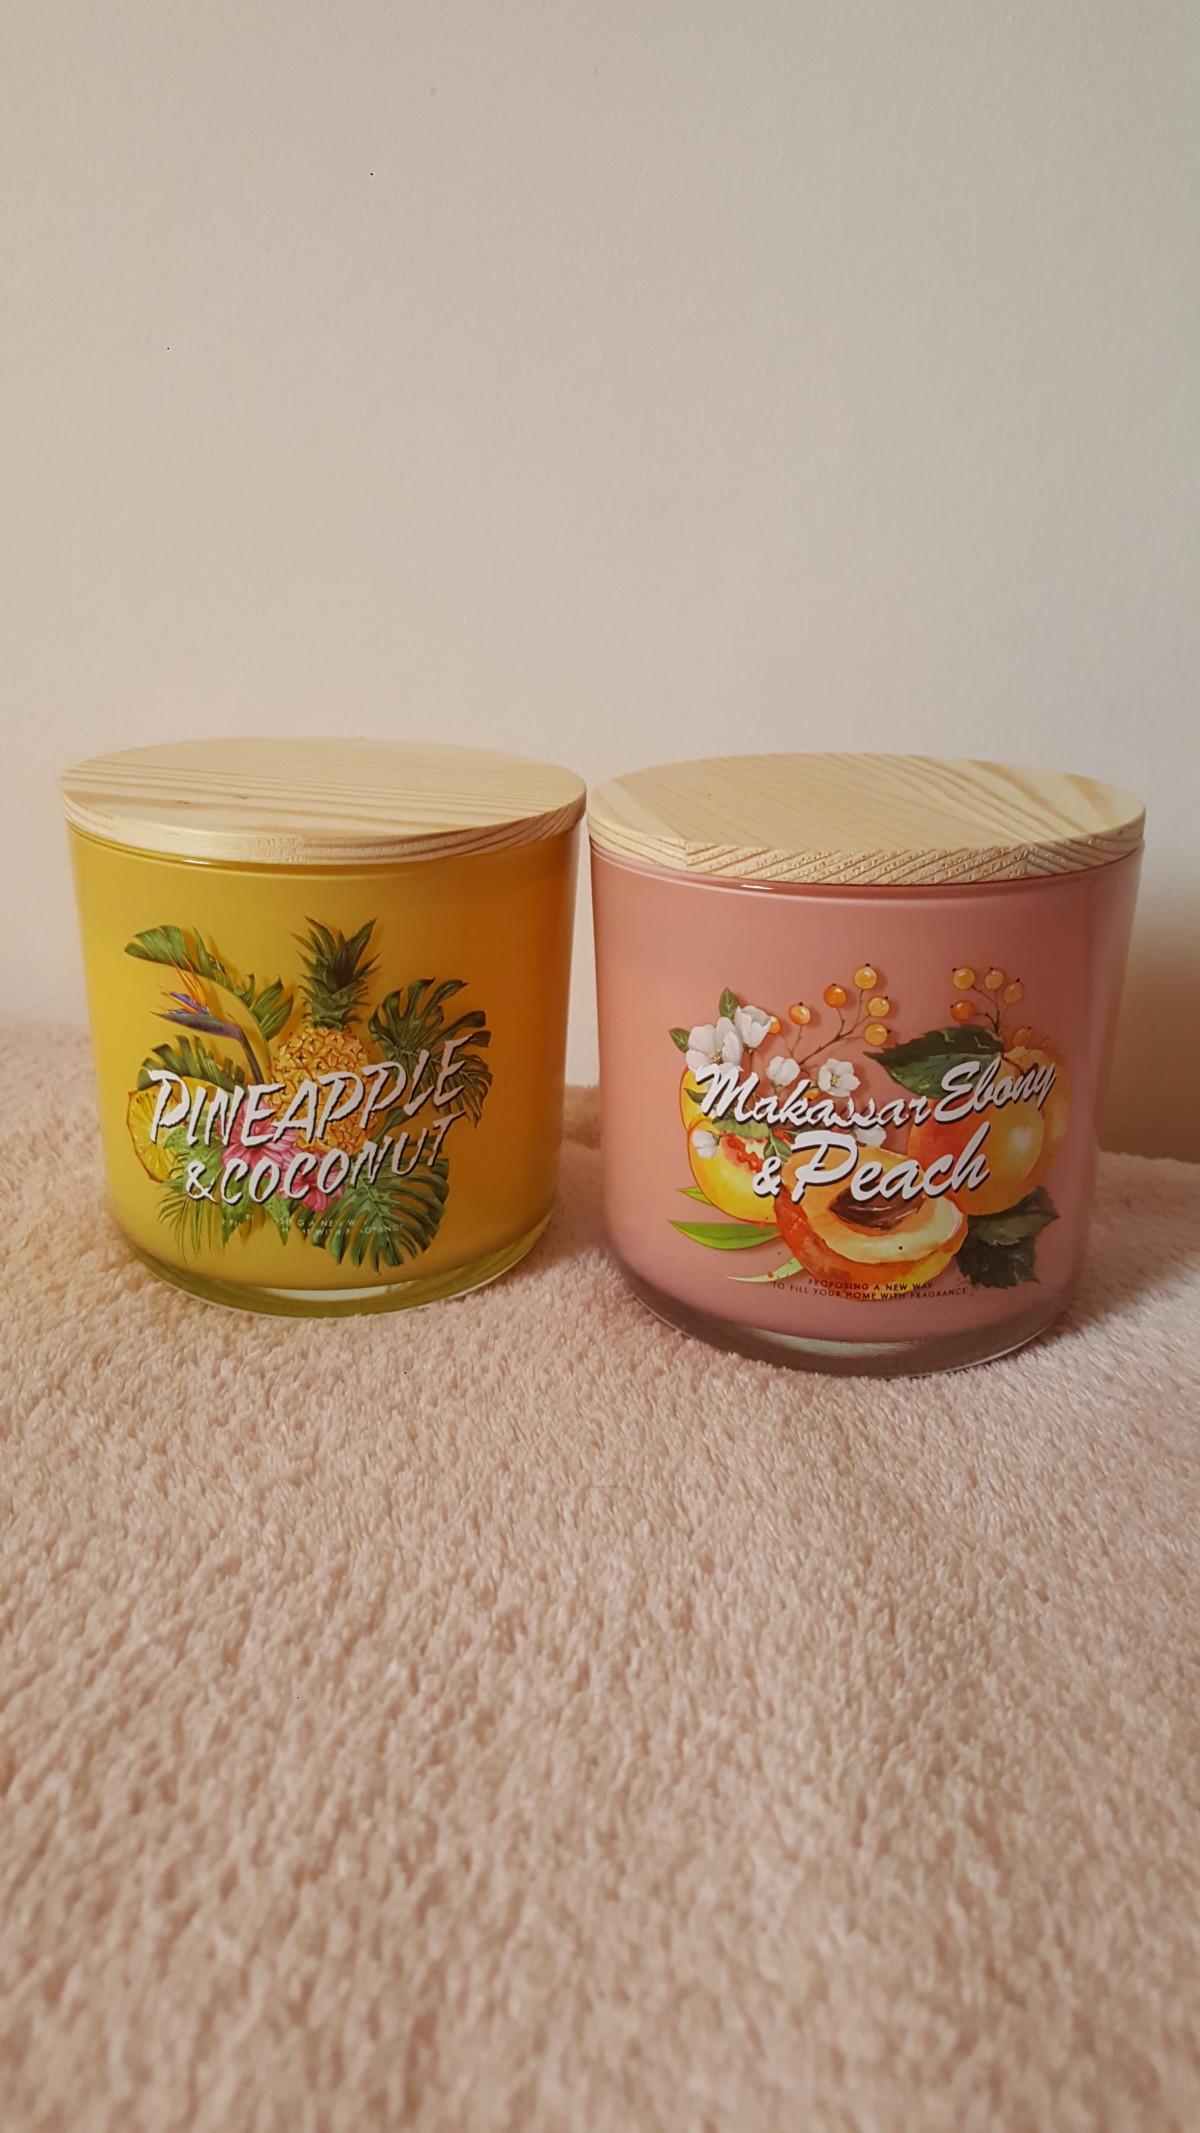 isalicious-blogg-blogger-blogging-bloggno-newin-innkjøp-kjøp-nille-normal-butikk-shopping-shop-hm-hm-antrekk-outfit-bukse-cargo-carlings-flamingo-duftlys-look-sminke